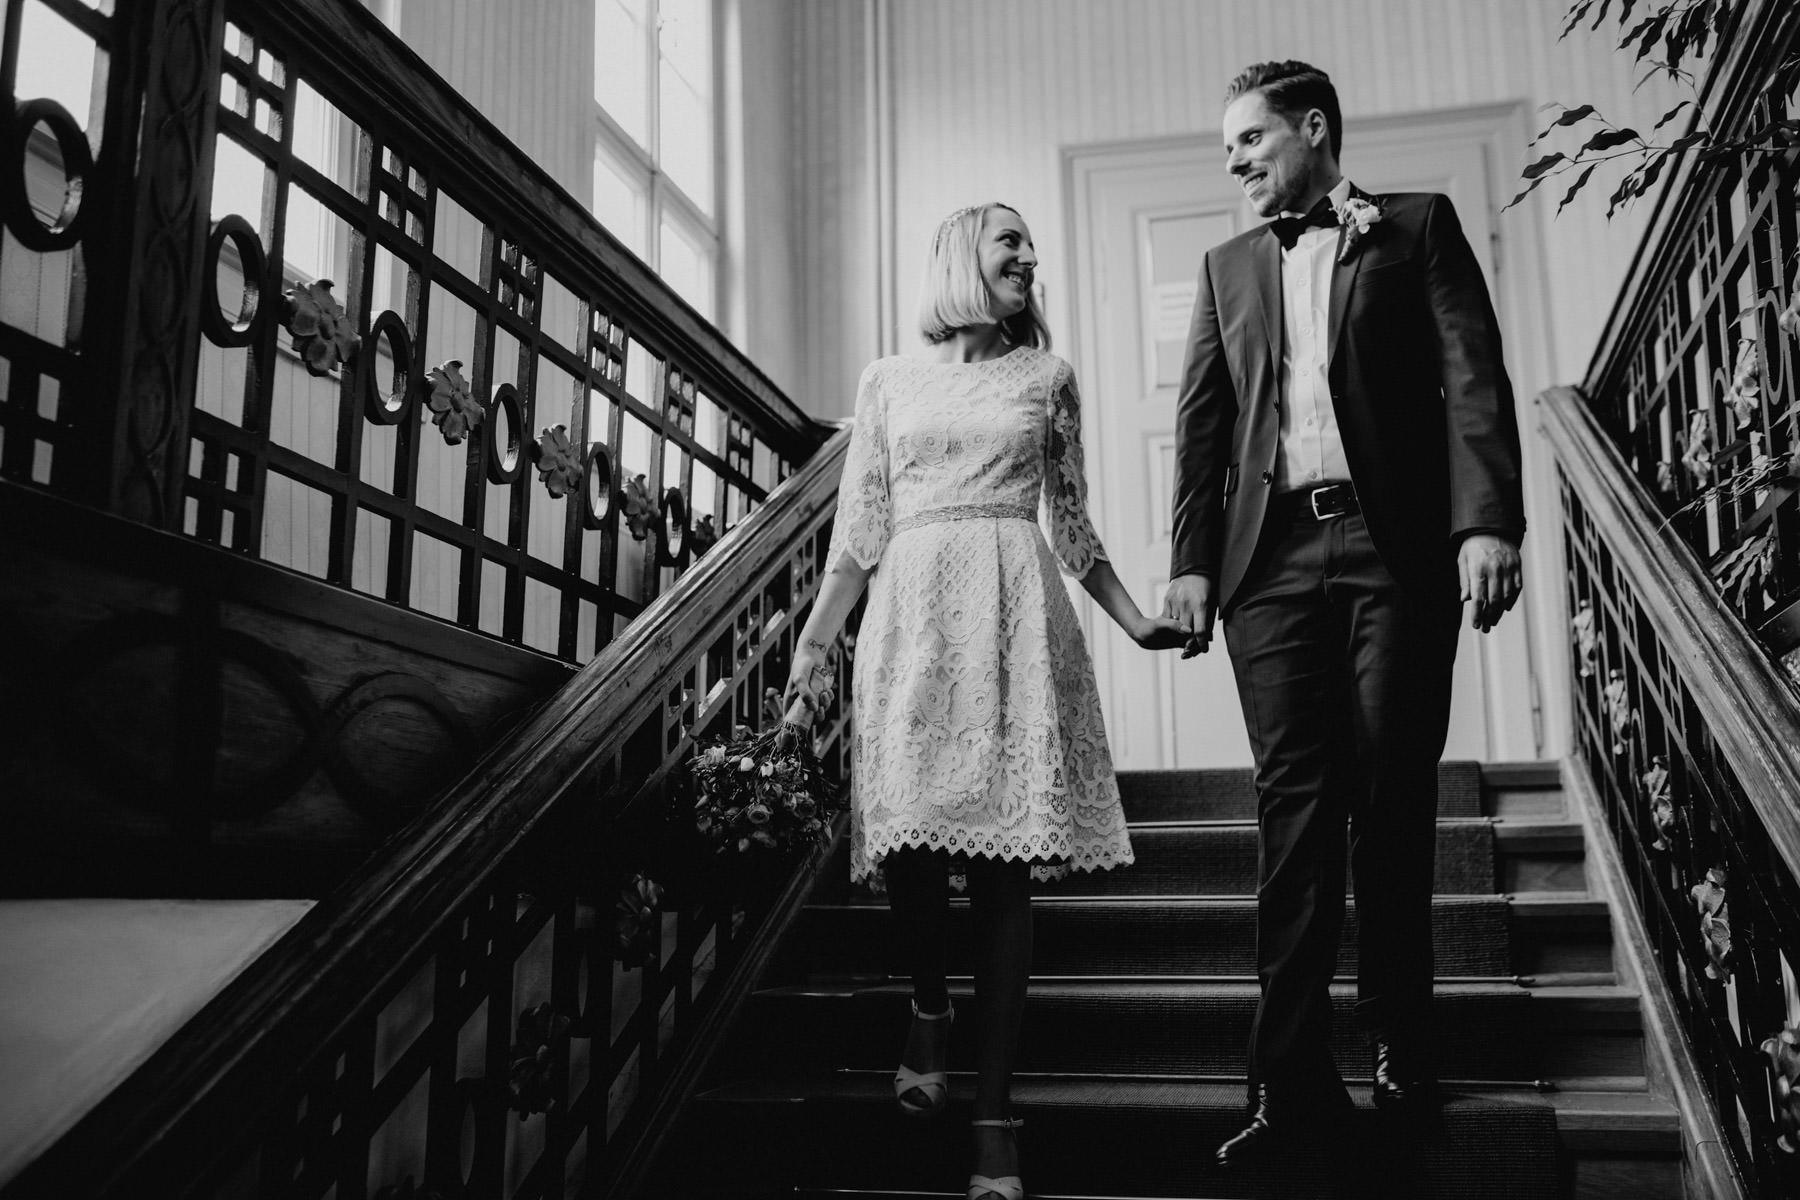 Professionelles Foto nach eines Paares nach der Trauung